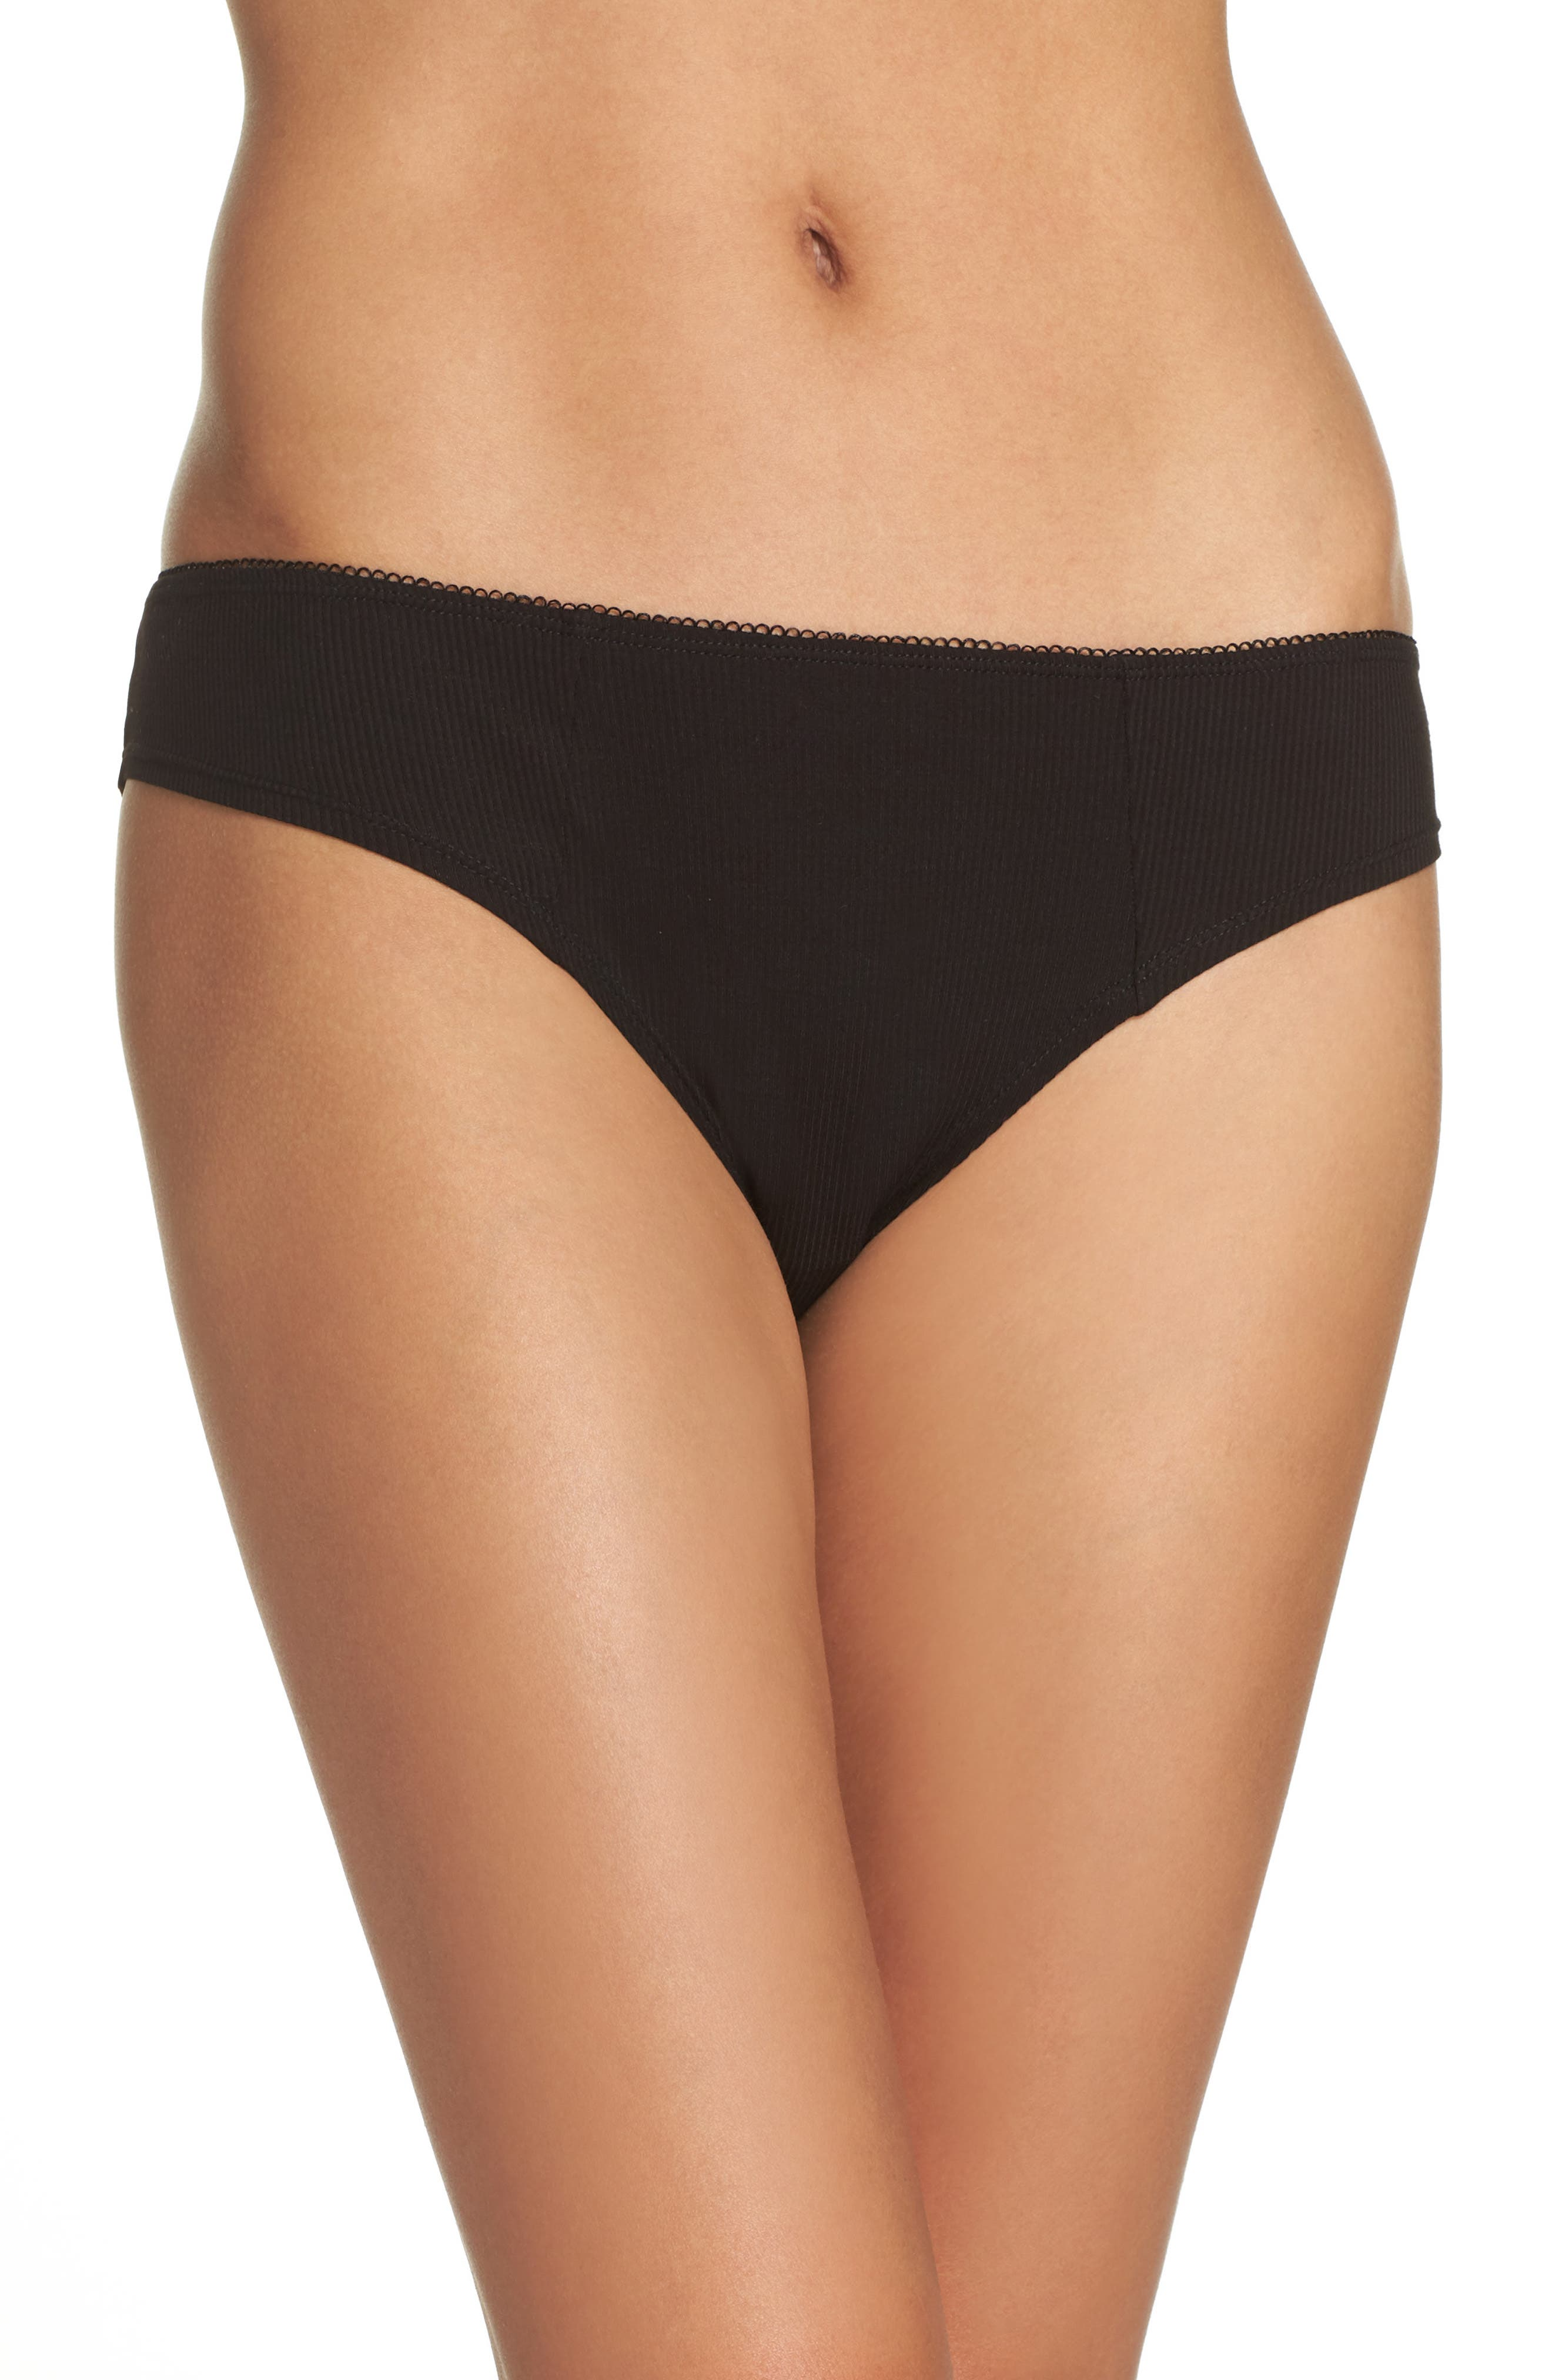 Honeydew Intimates Rib Knit Bikini (3 for $33)